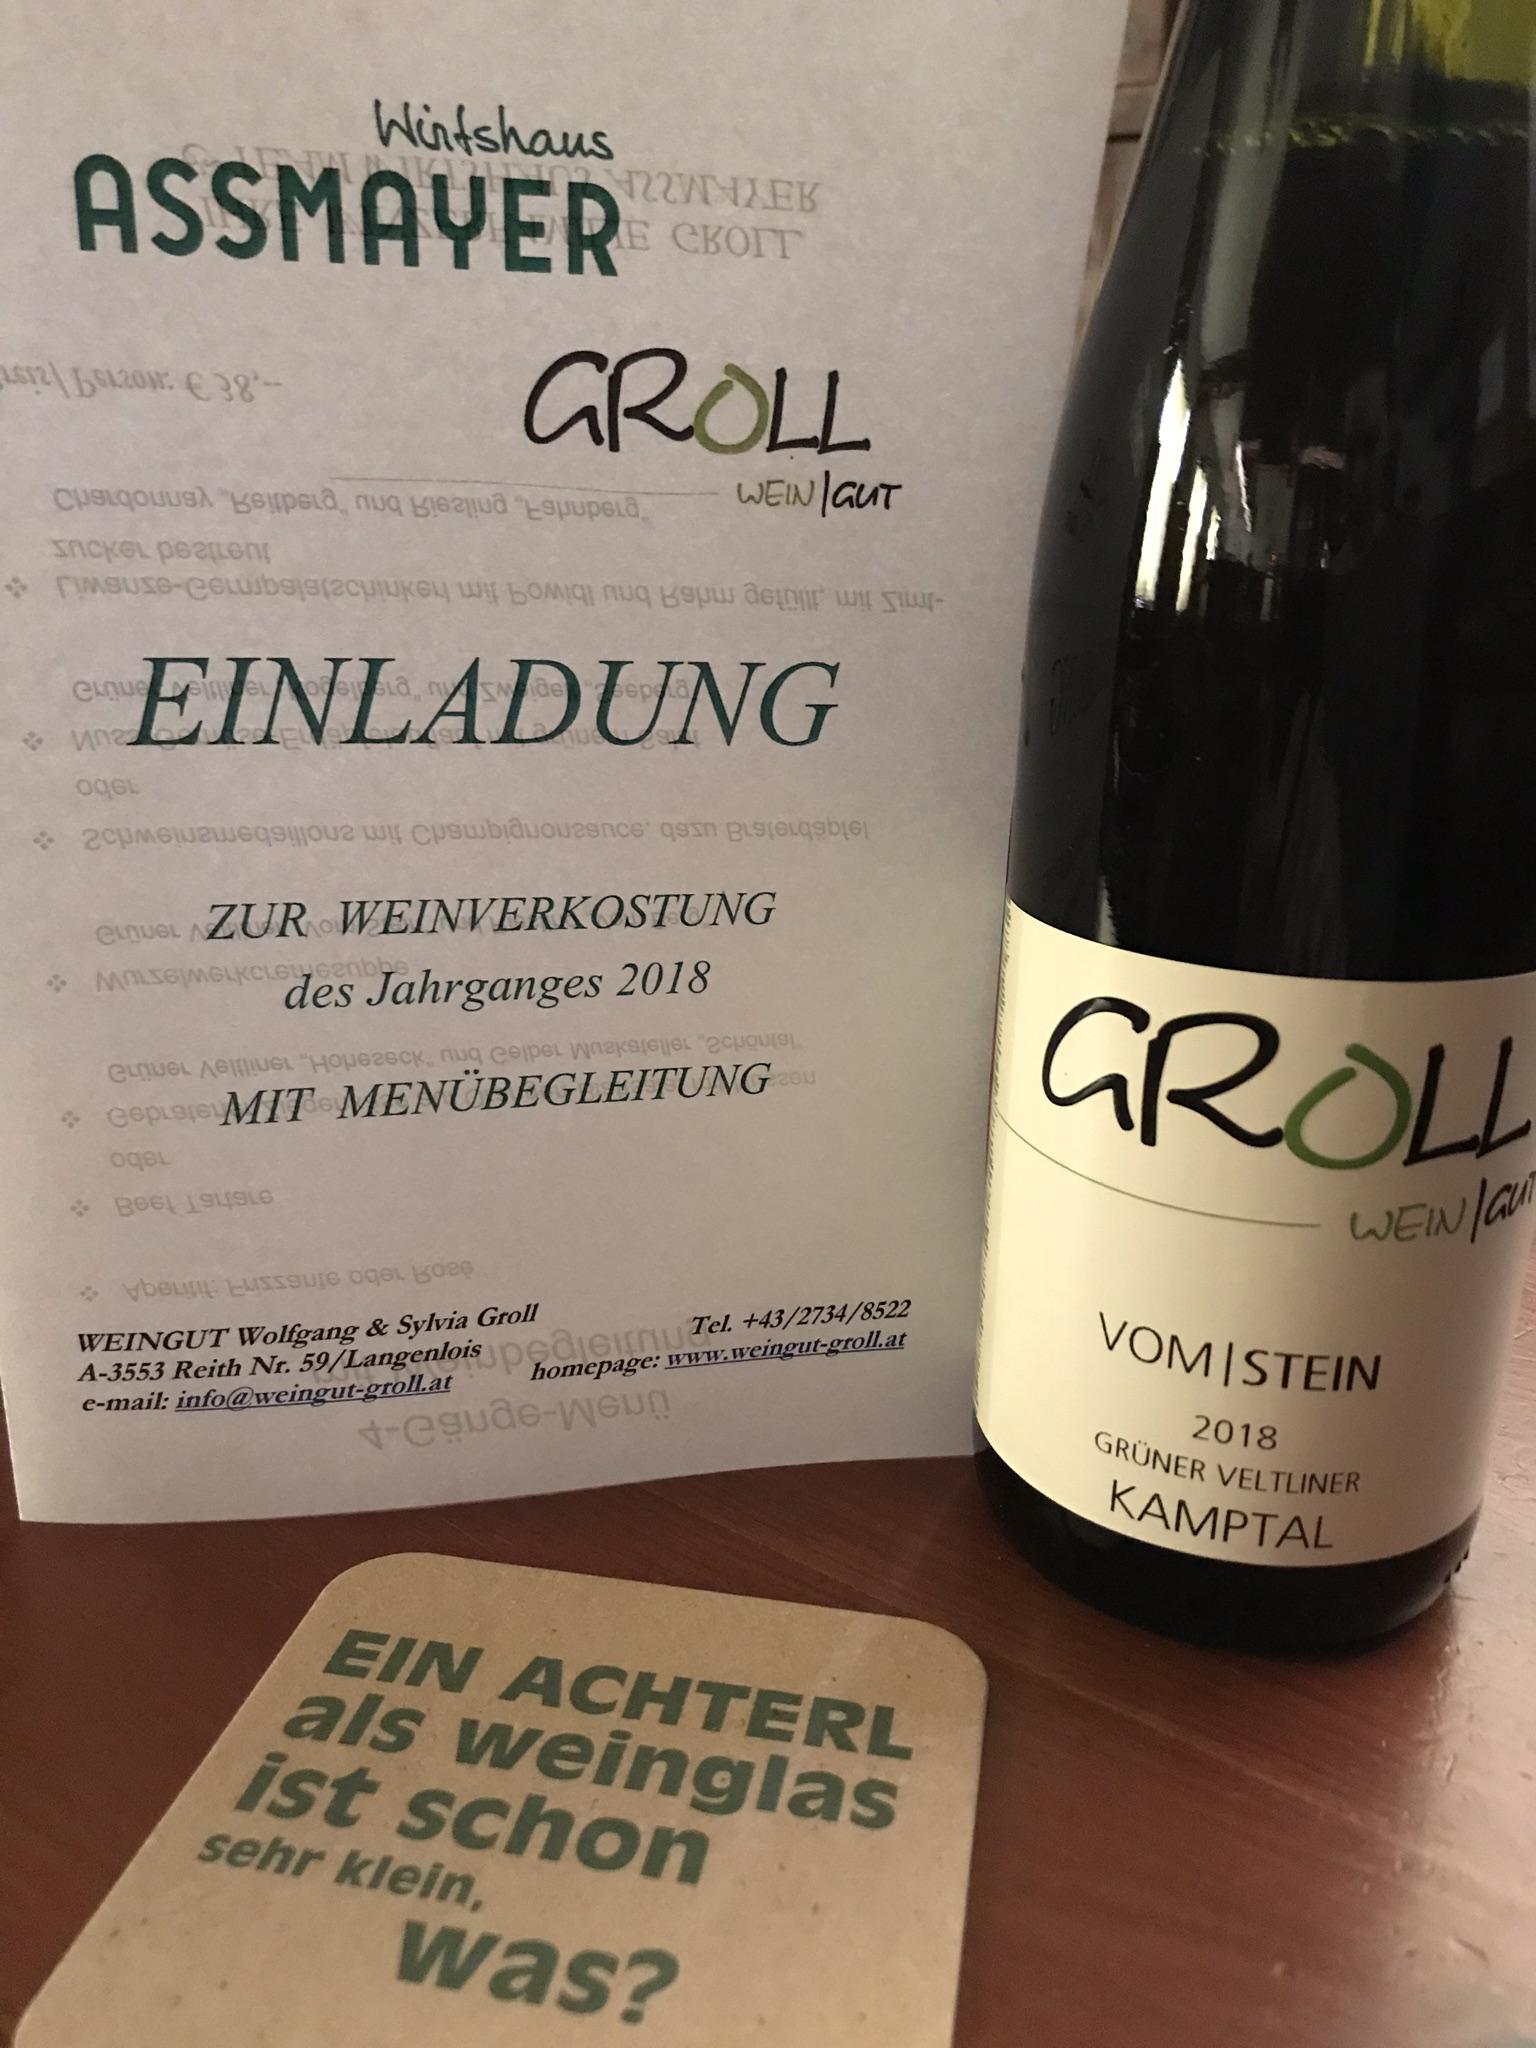 Weingut Groll - Weinverkostung mit Menübegleitung